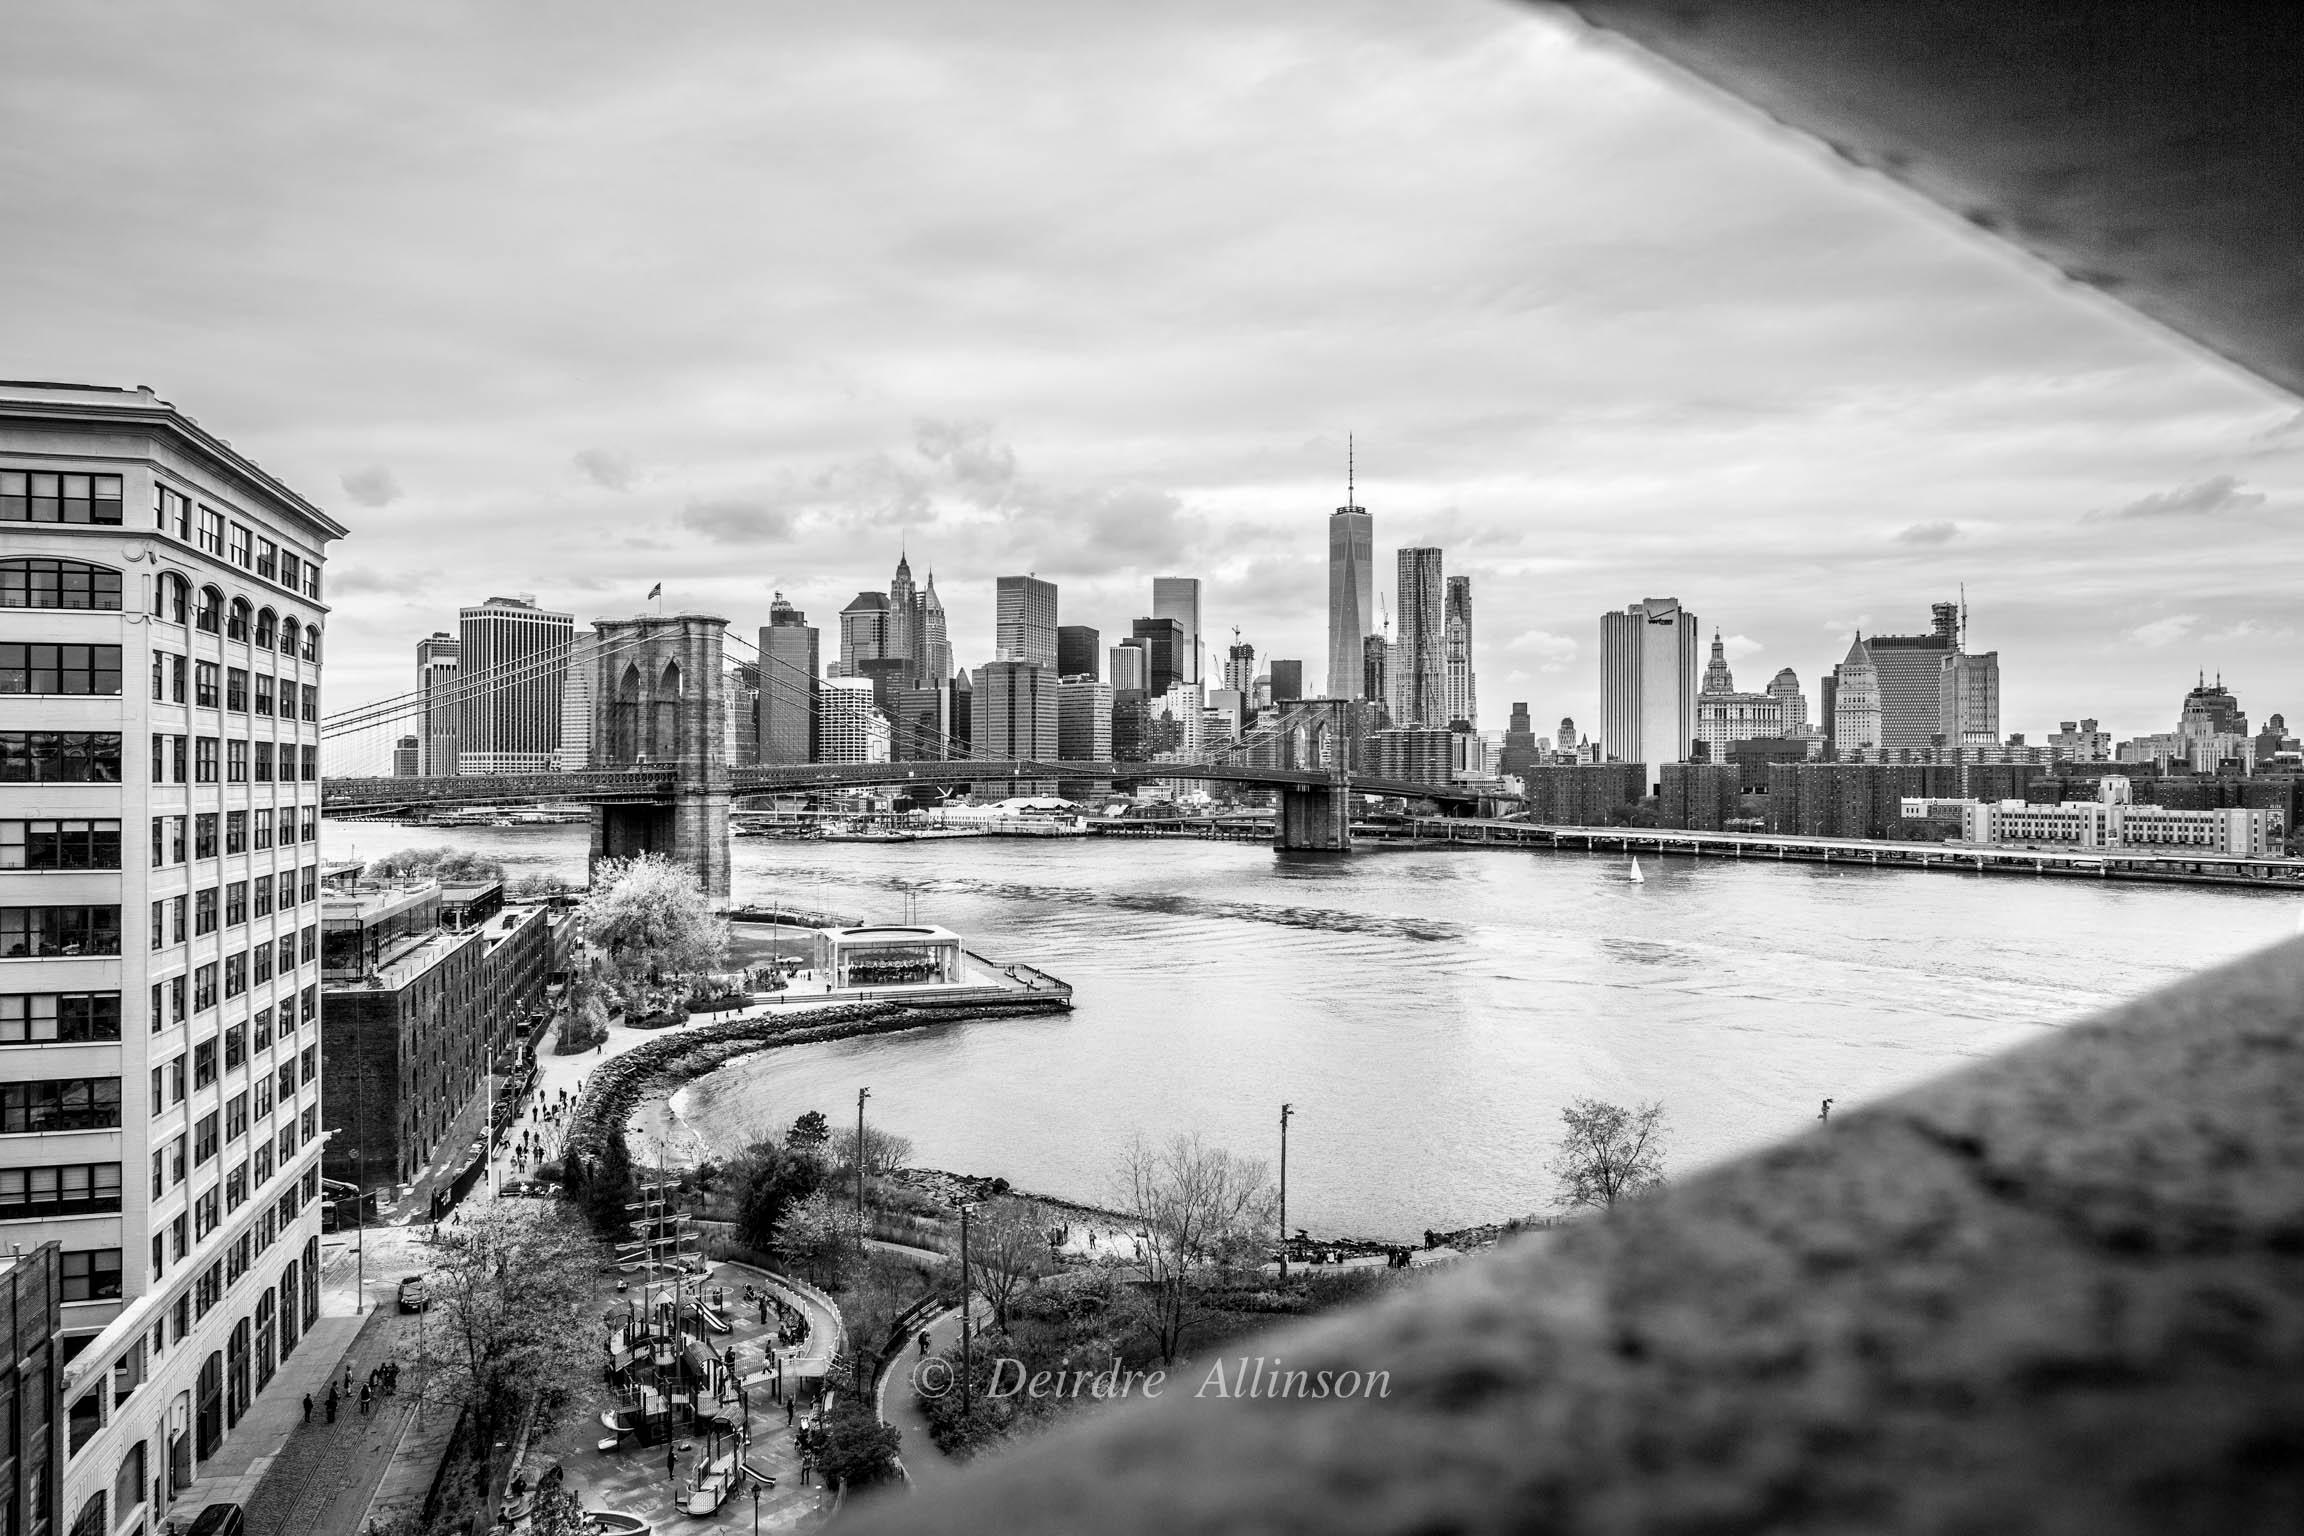 Through the Bridge, A View of Manhattan through the Manhattan Bridge